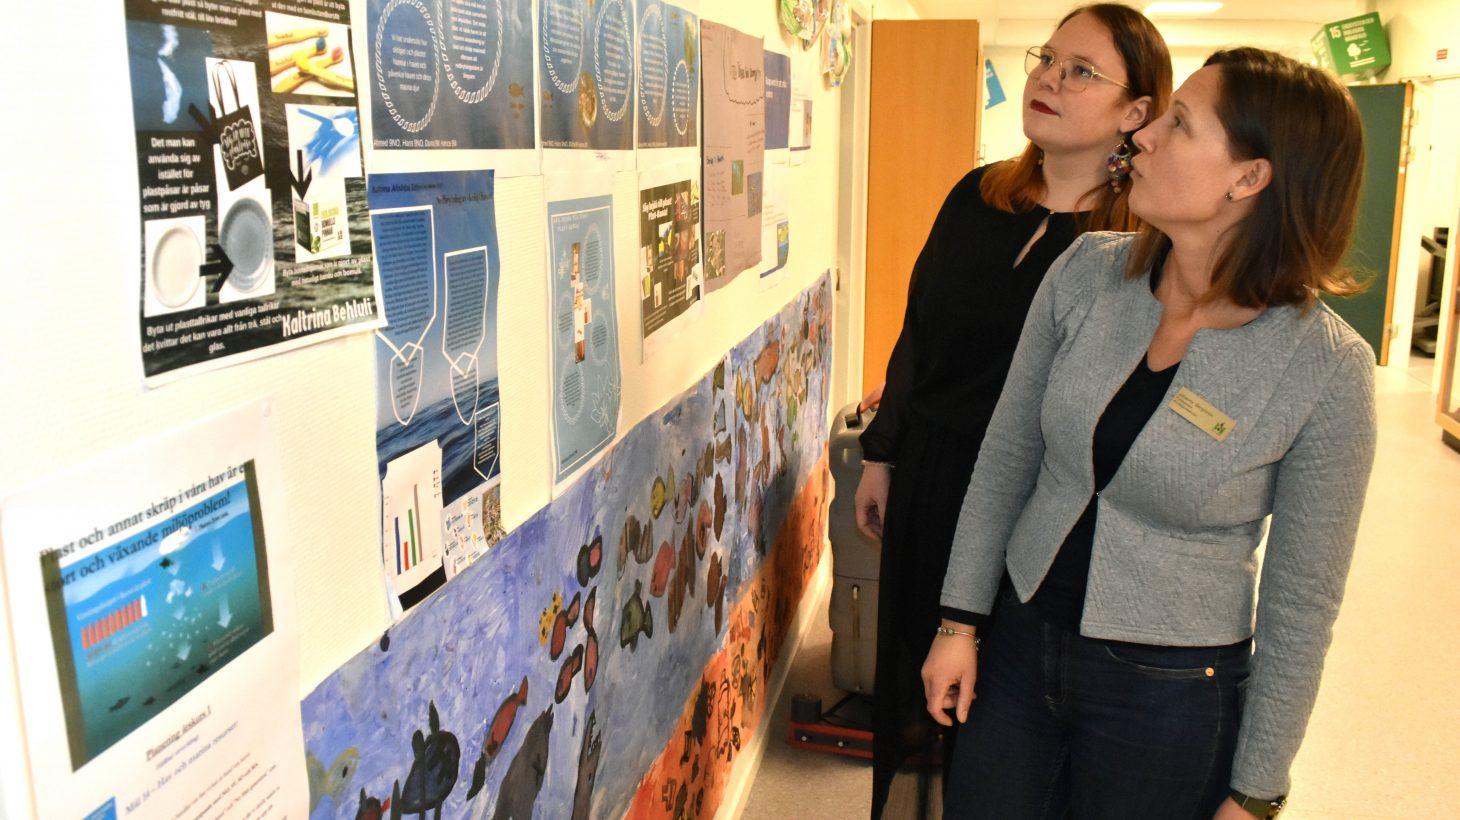 Mika Lundblad, lärare i svenska och svenska som andraspråk, och Johanna Bergström, förstelärare i matematik och NO, på Kryddgårdsskolan tittar på elevernas arbete.